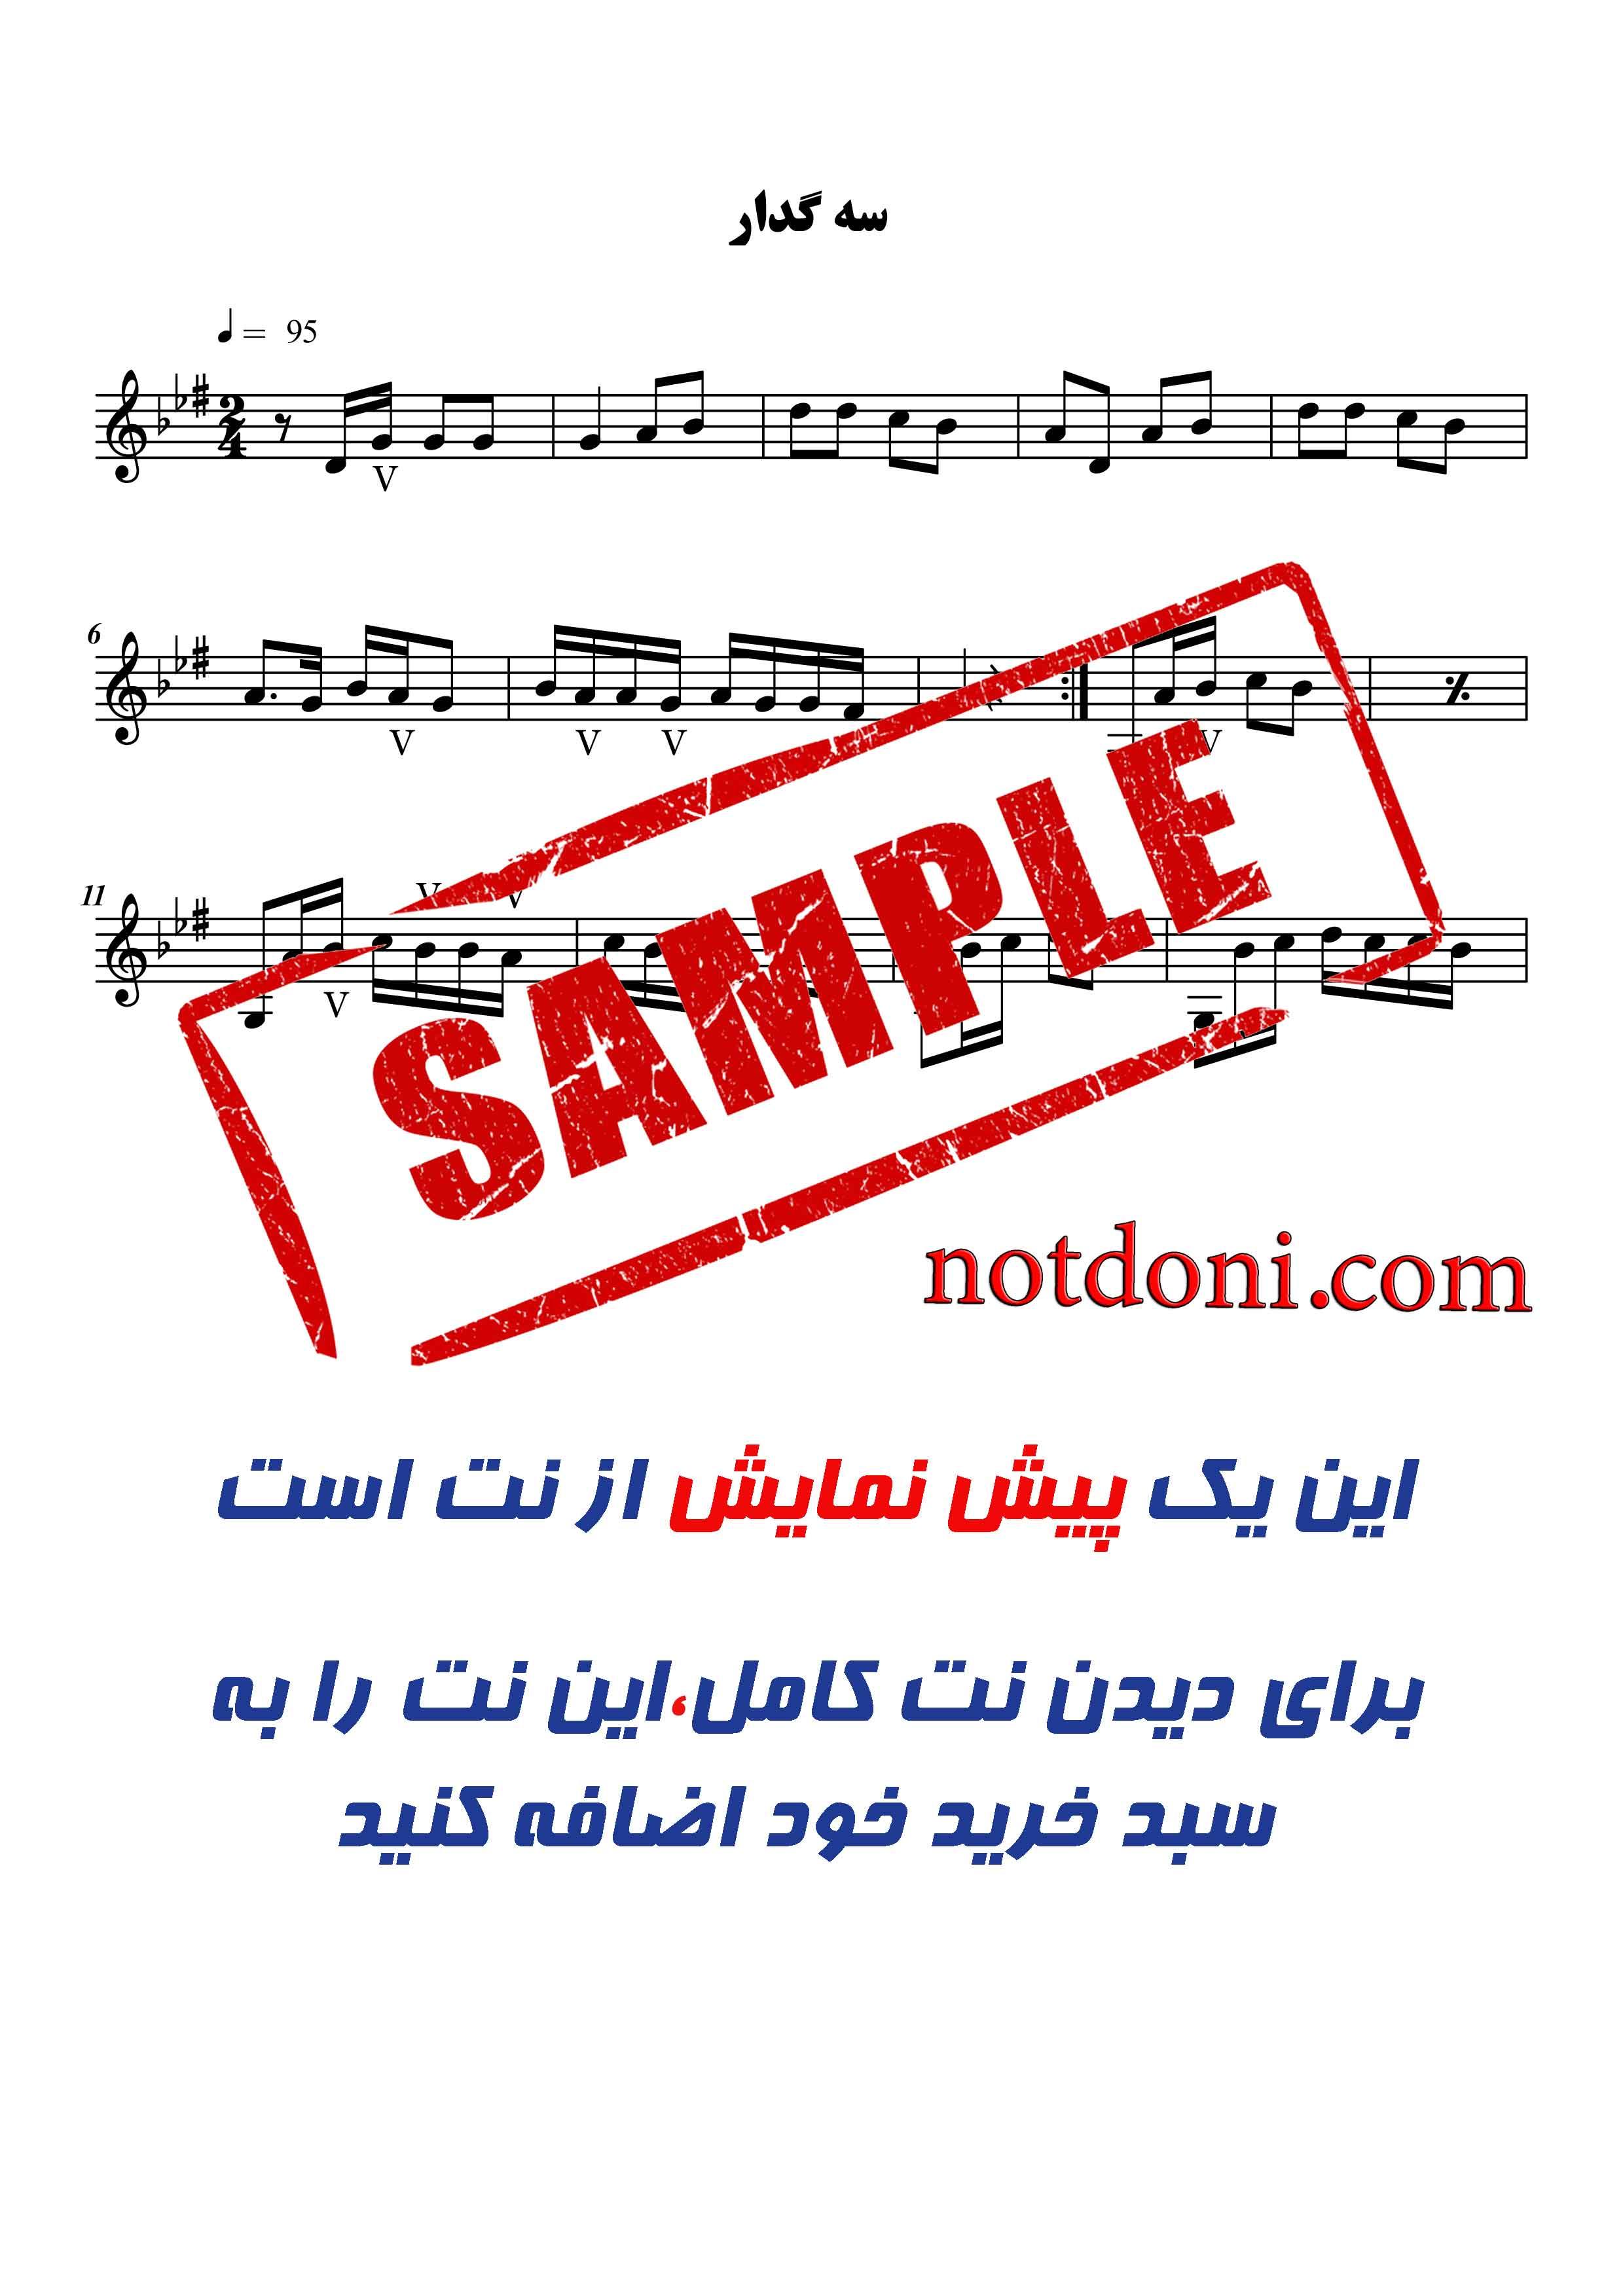 f75177e2-5126-43f3-b1c2-4a71399a1e34_دمو.jpg